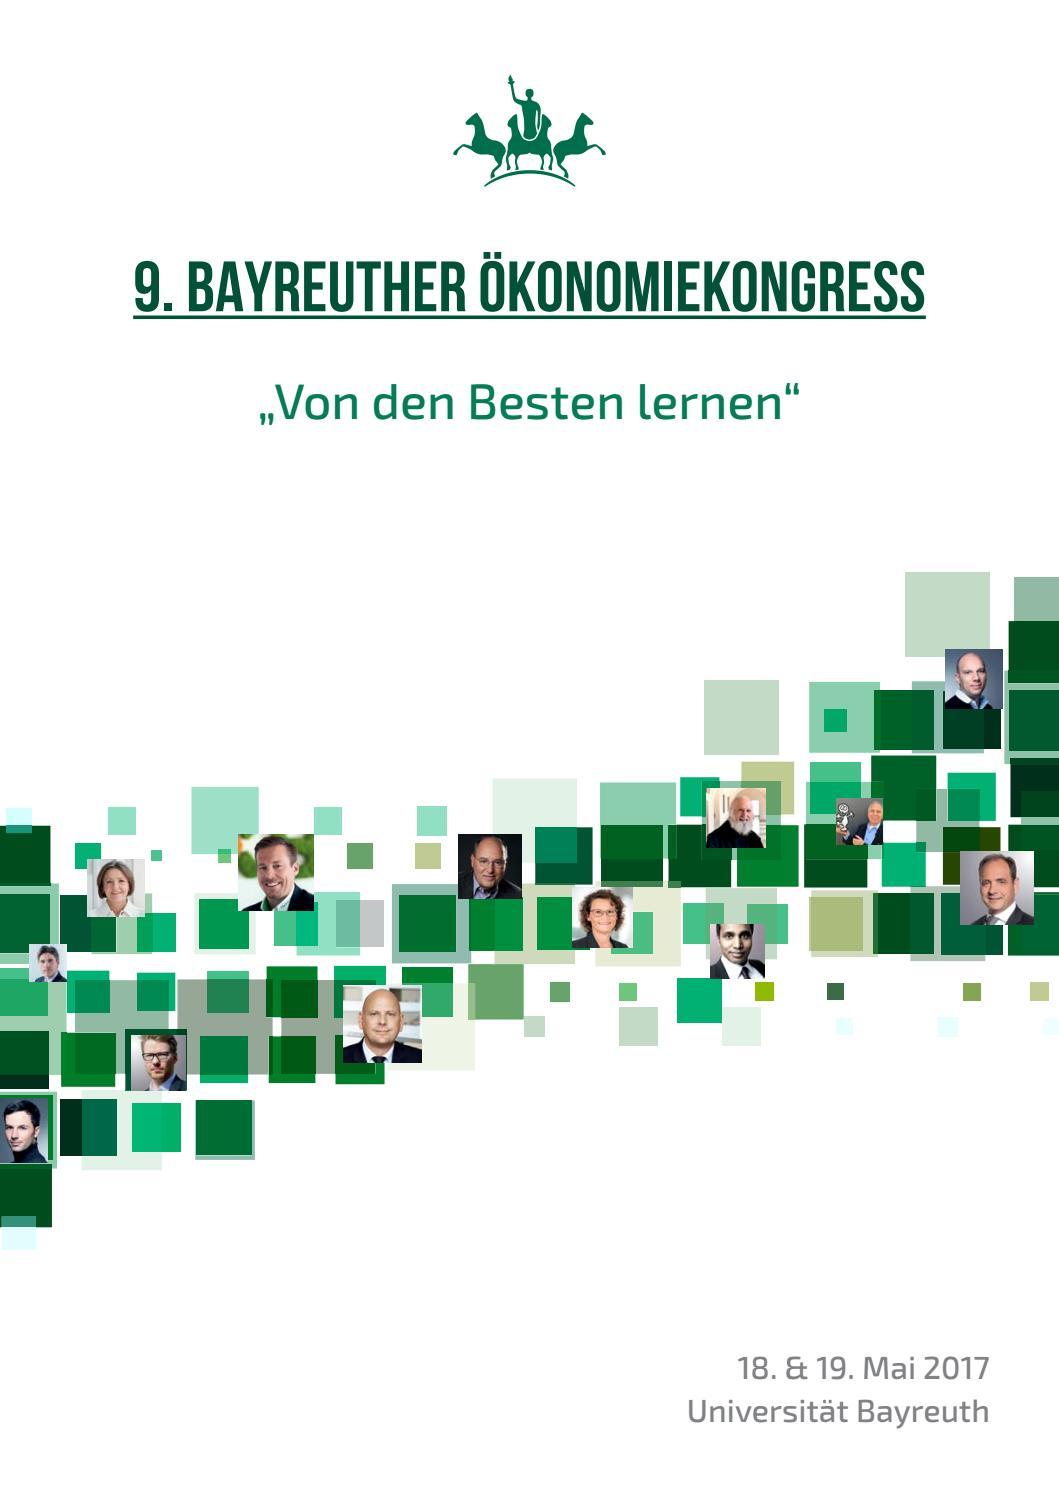 9. Bayreuther Ökonomiekongress by entidia - issuu